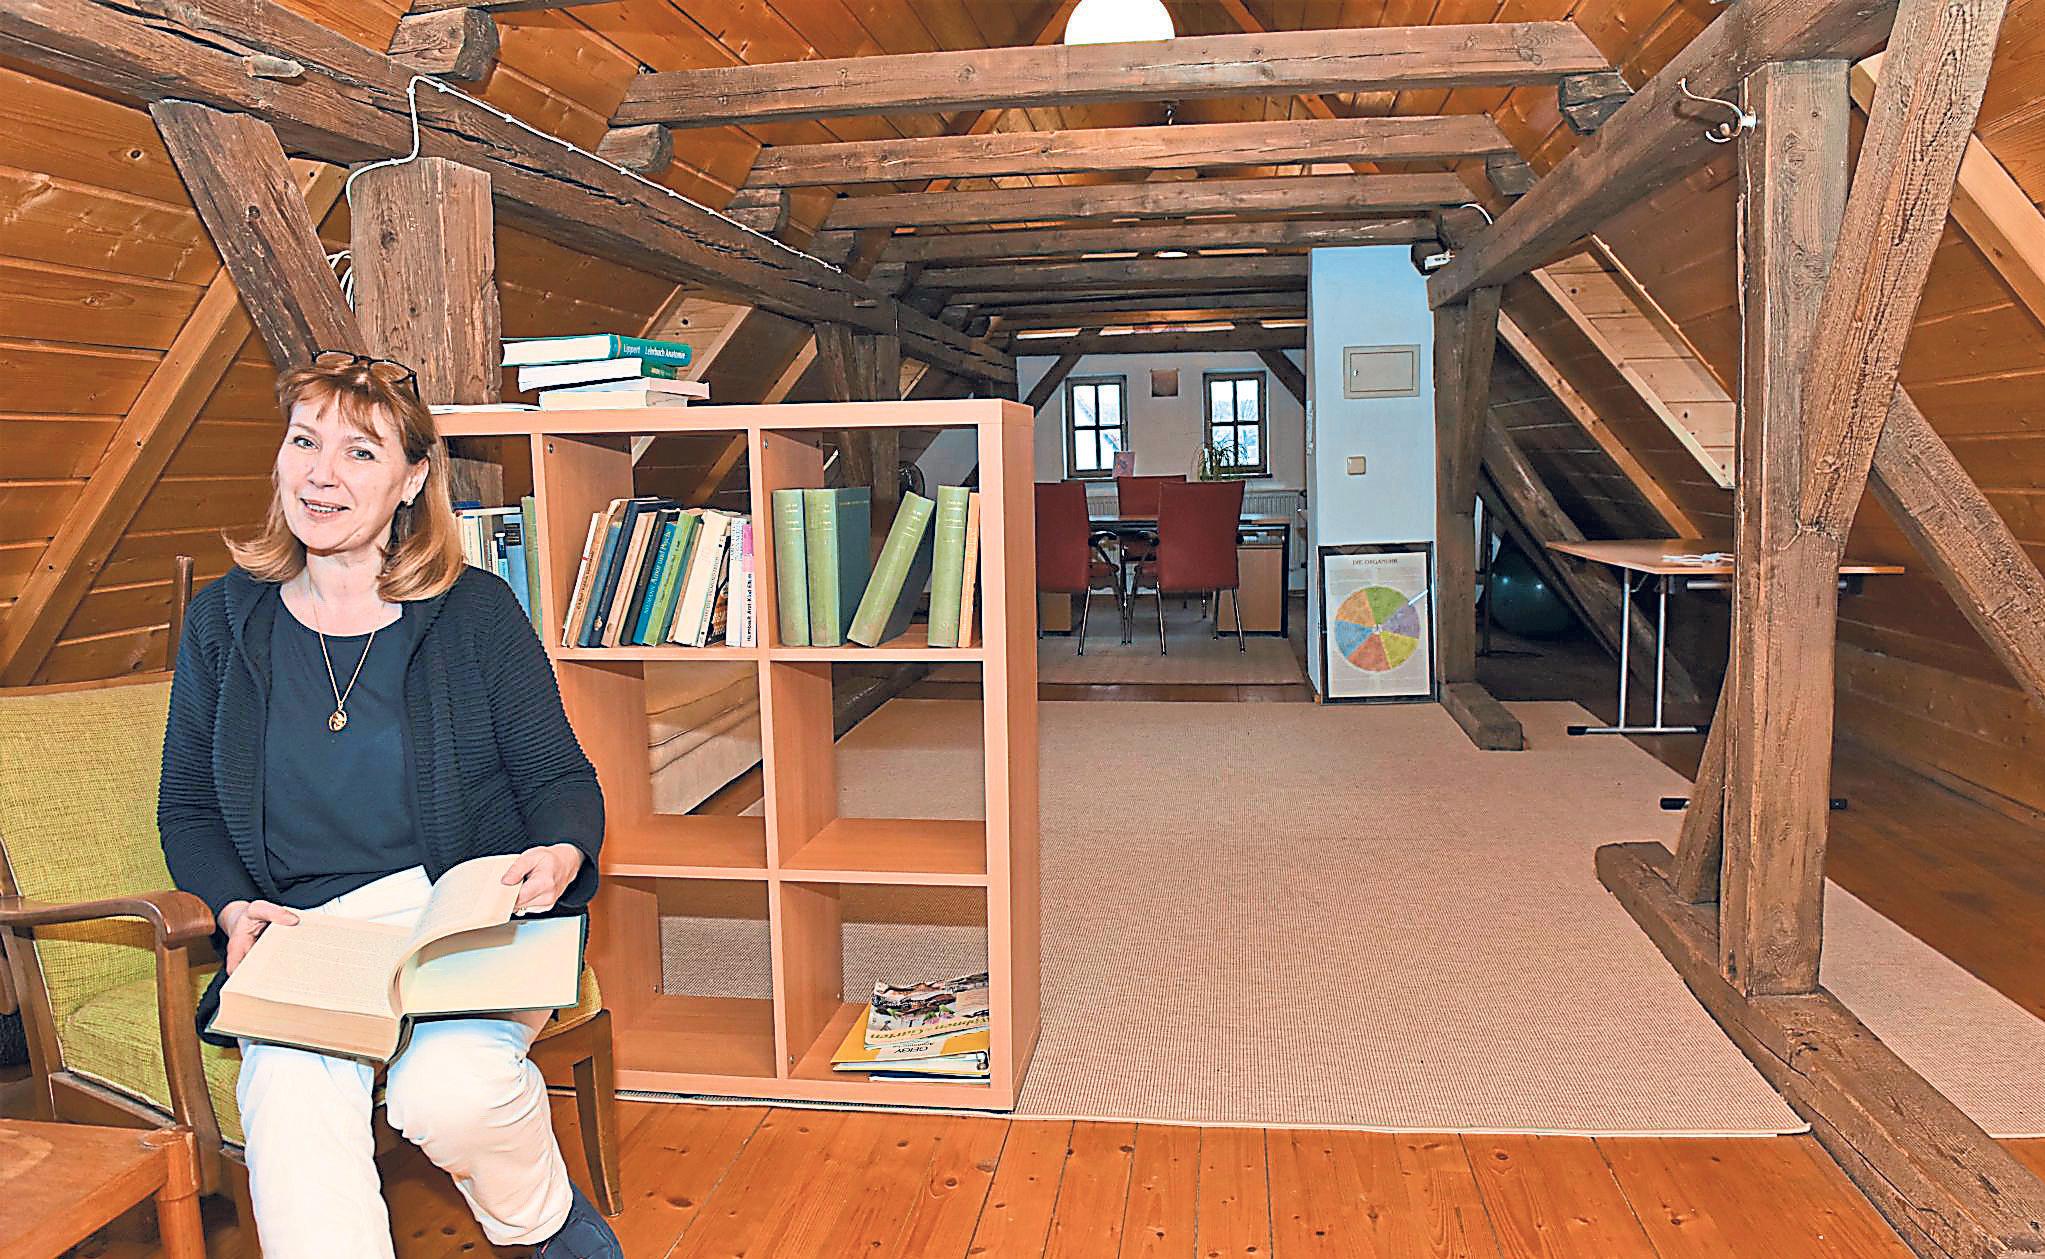 Zur Akademie gehört neben dem Seminarraum auch ein gemütlicher Leseraum mit Bibliothek, wo sich nicht nur Cornelia Sichelschmidt gerne aufhält. Fotos: Hammerl